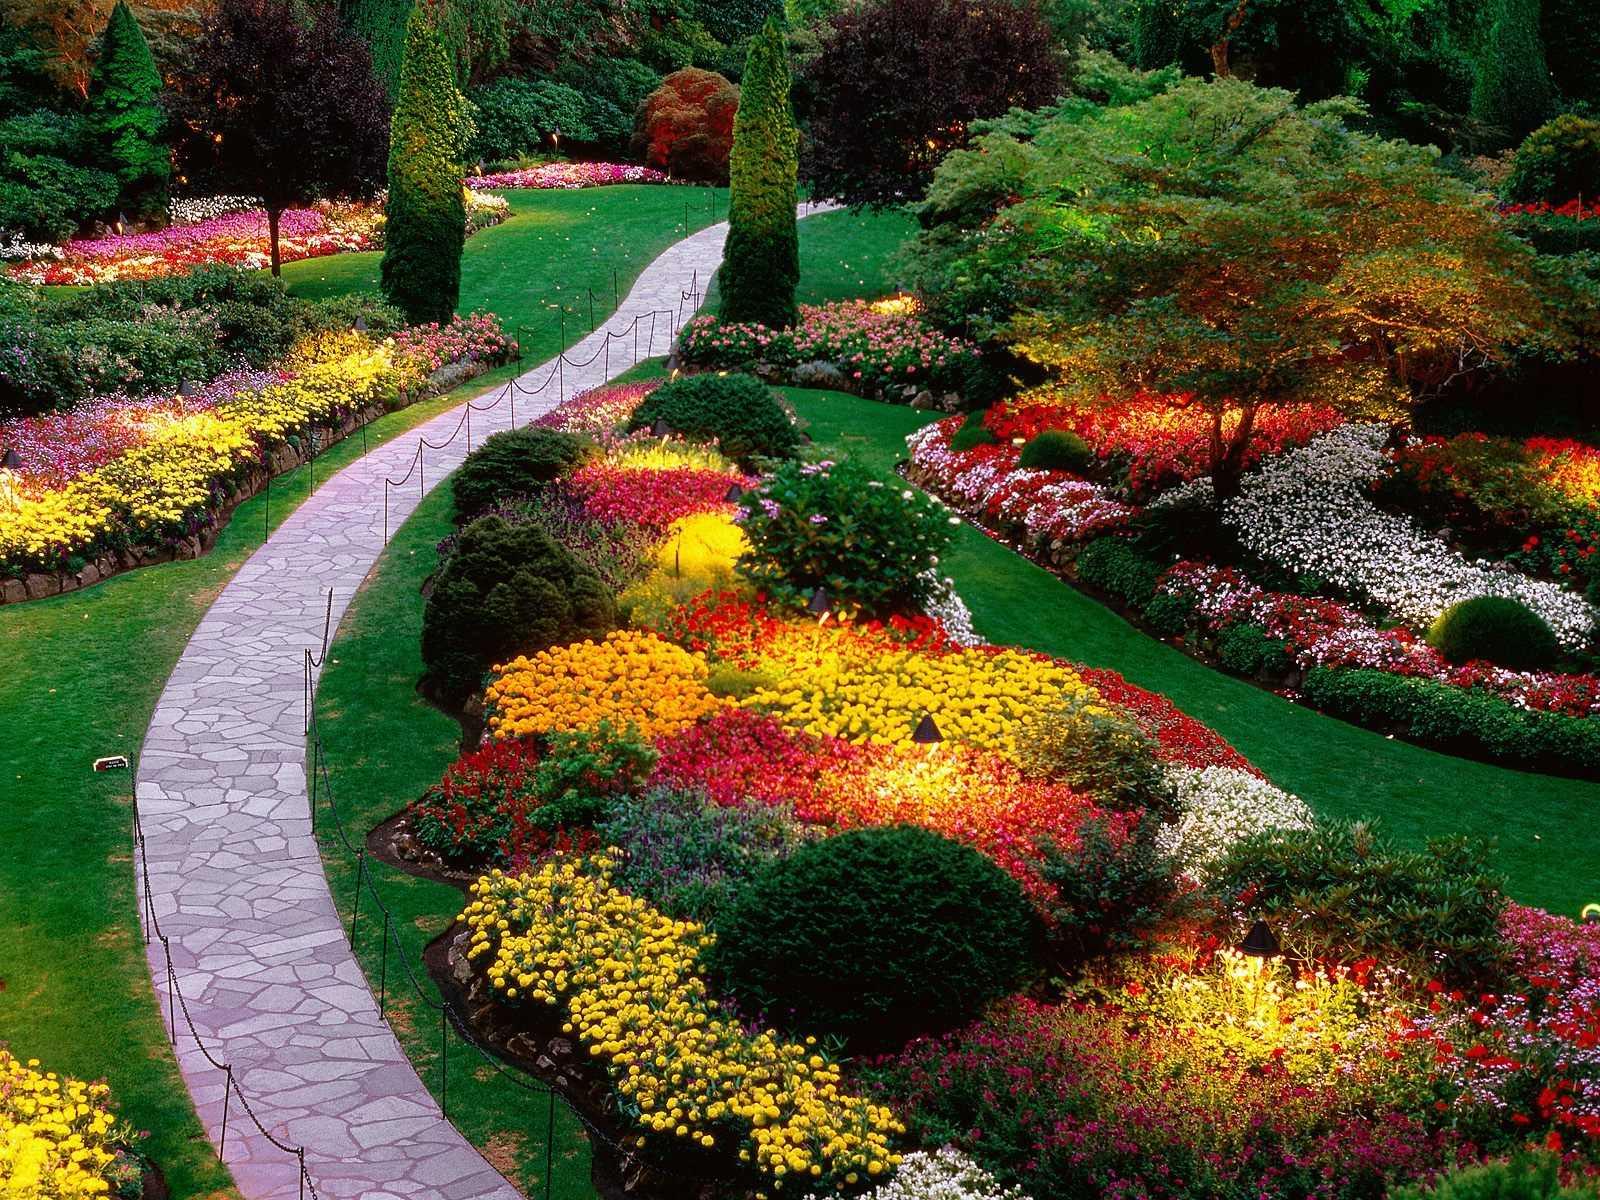 File:Jardines verticales.jpg - Wikimedia Commons